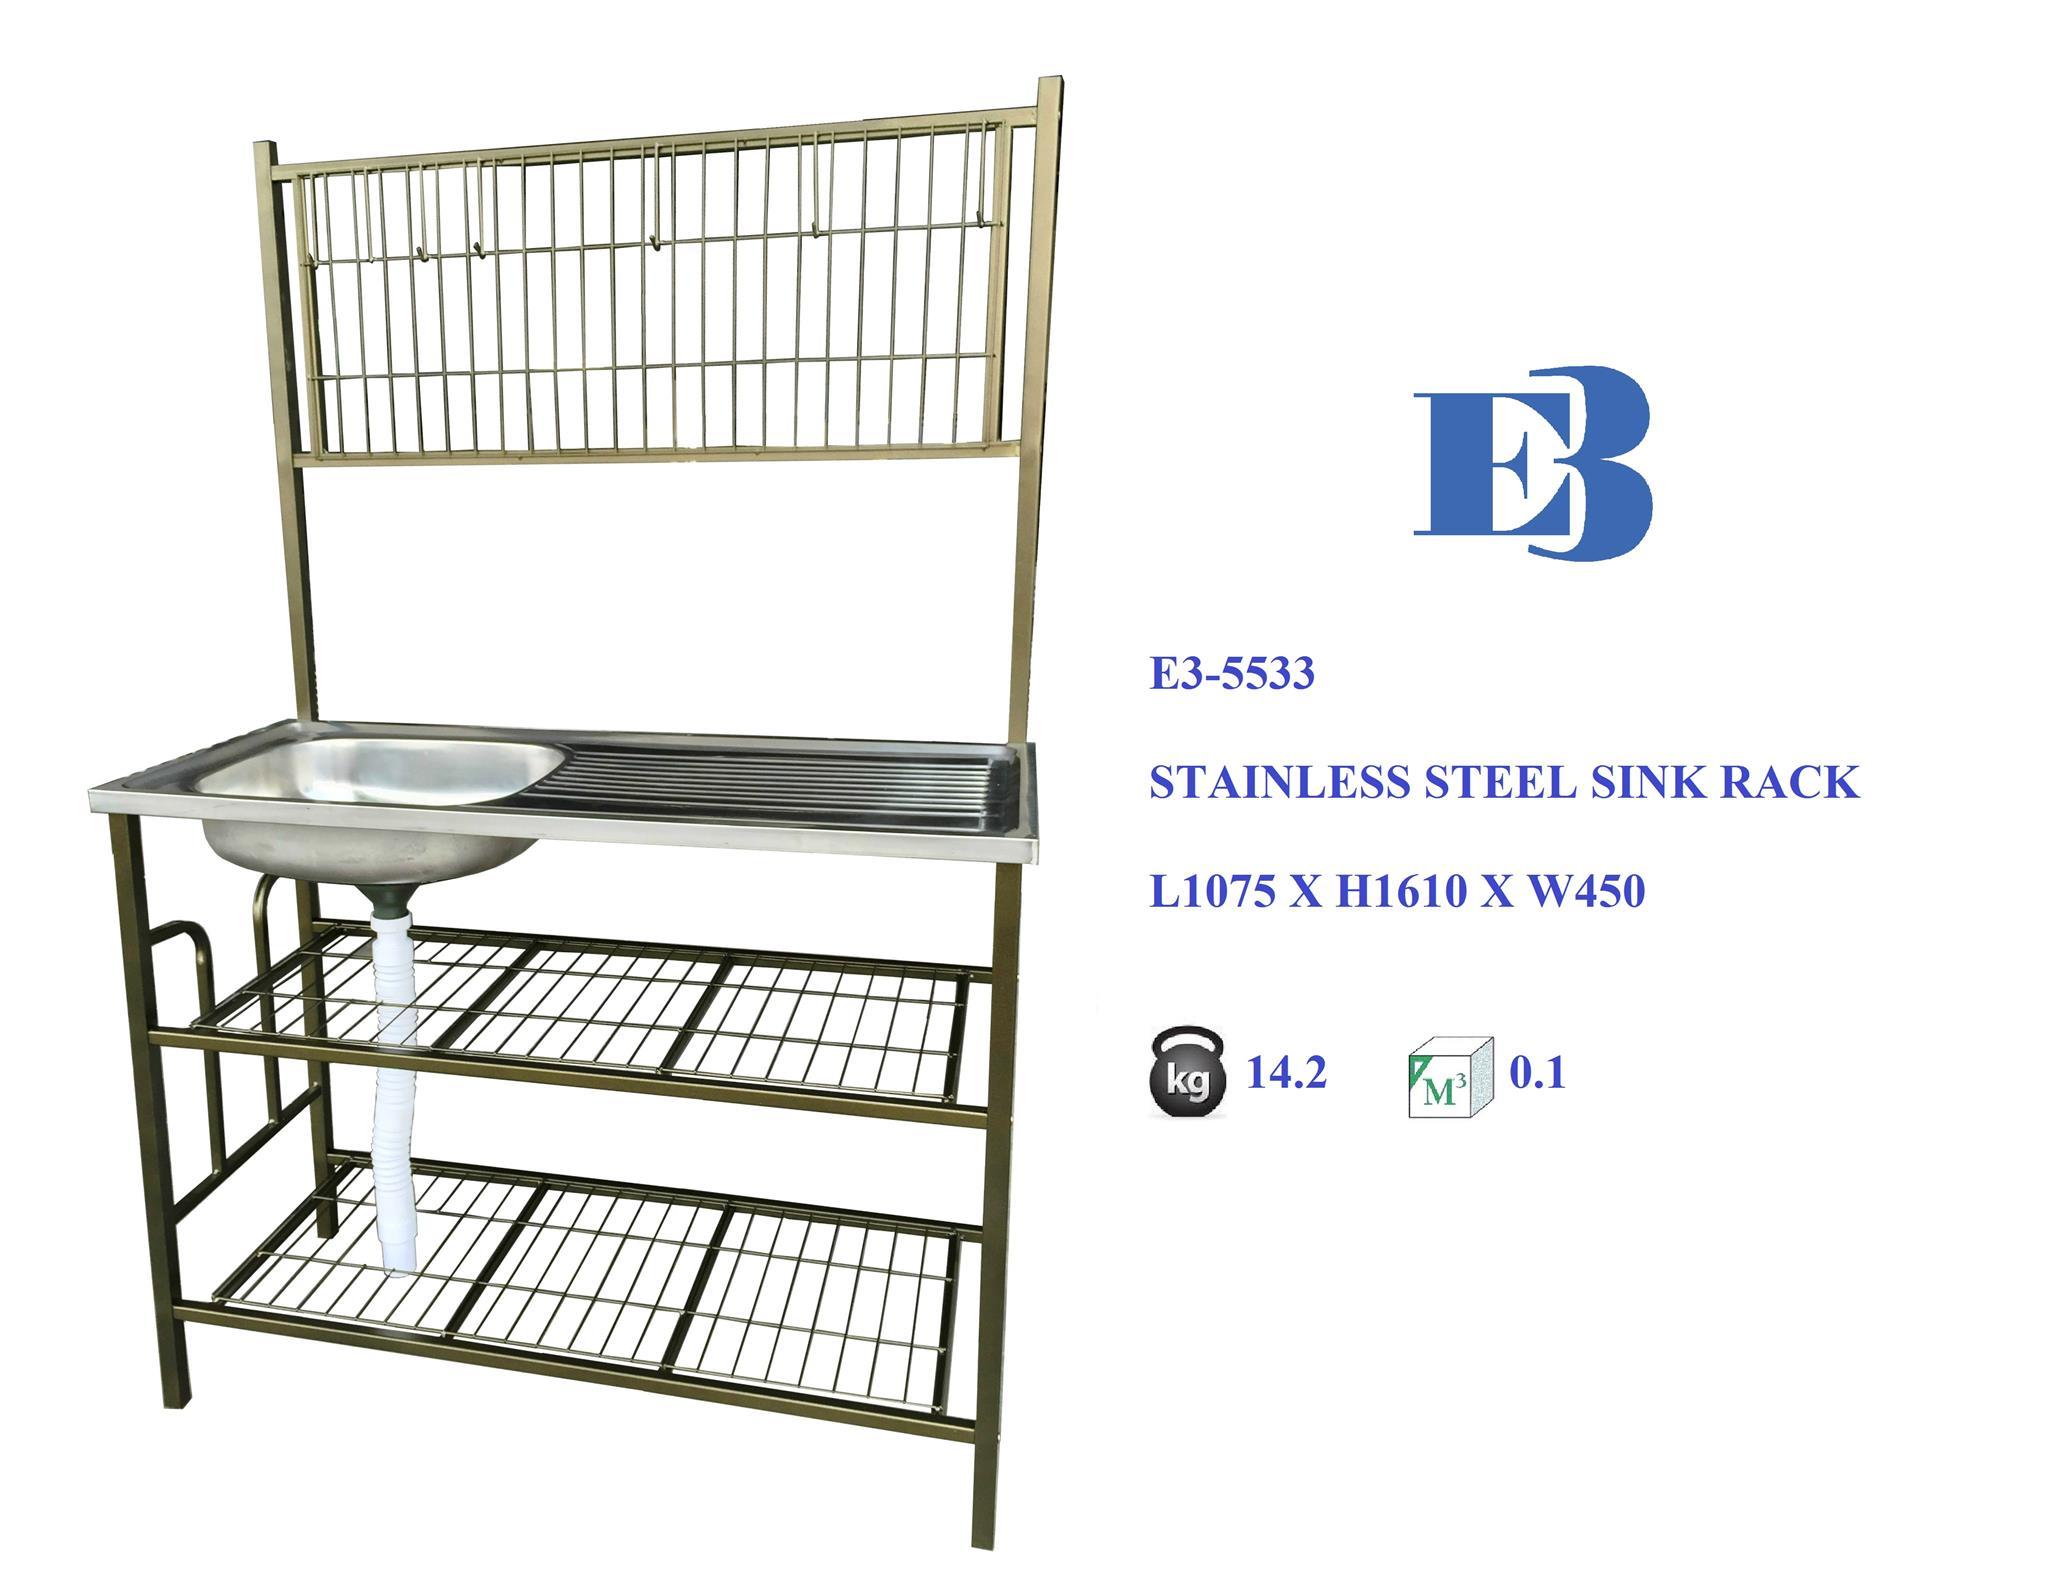 Stainless Steel Sink Racks Cosmecol